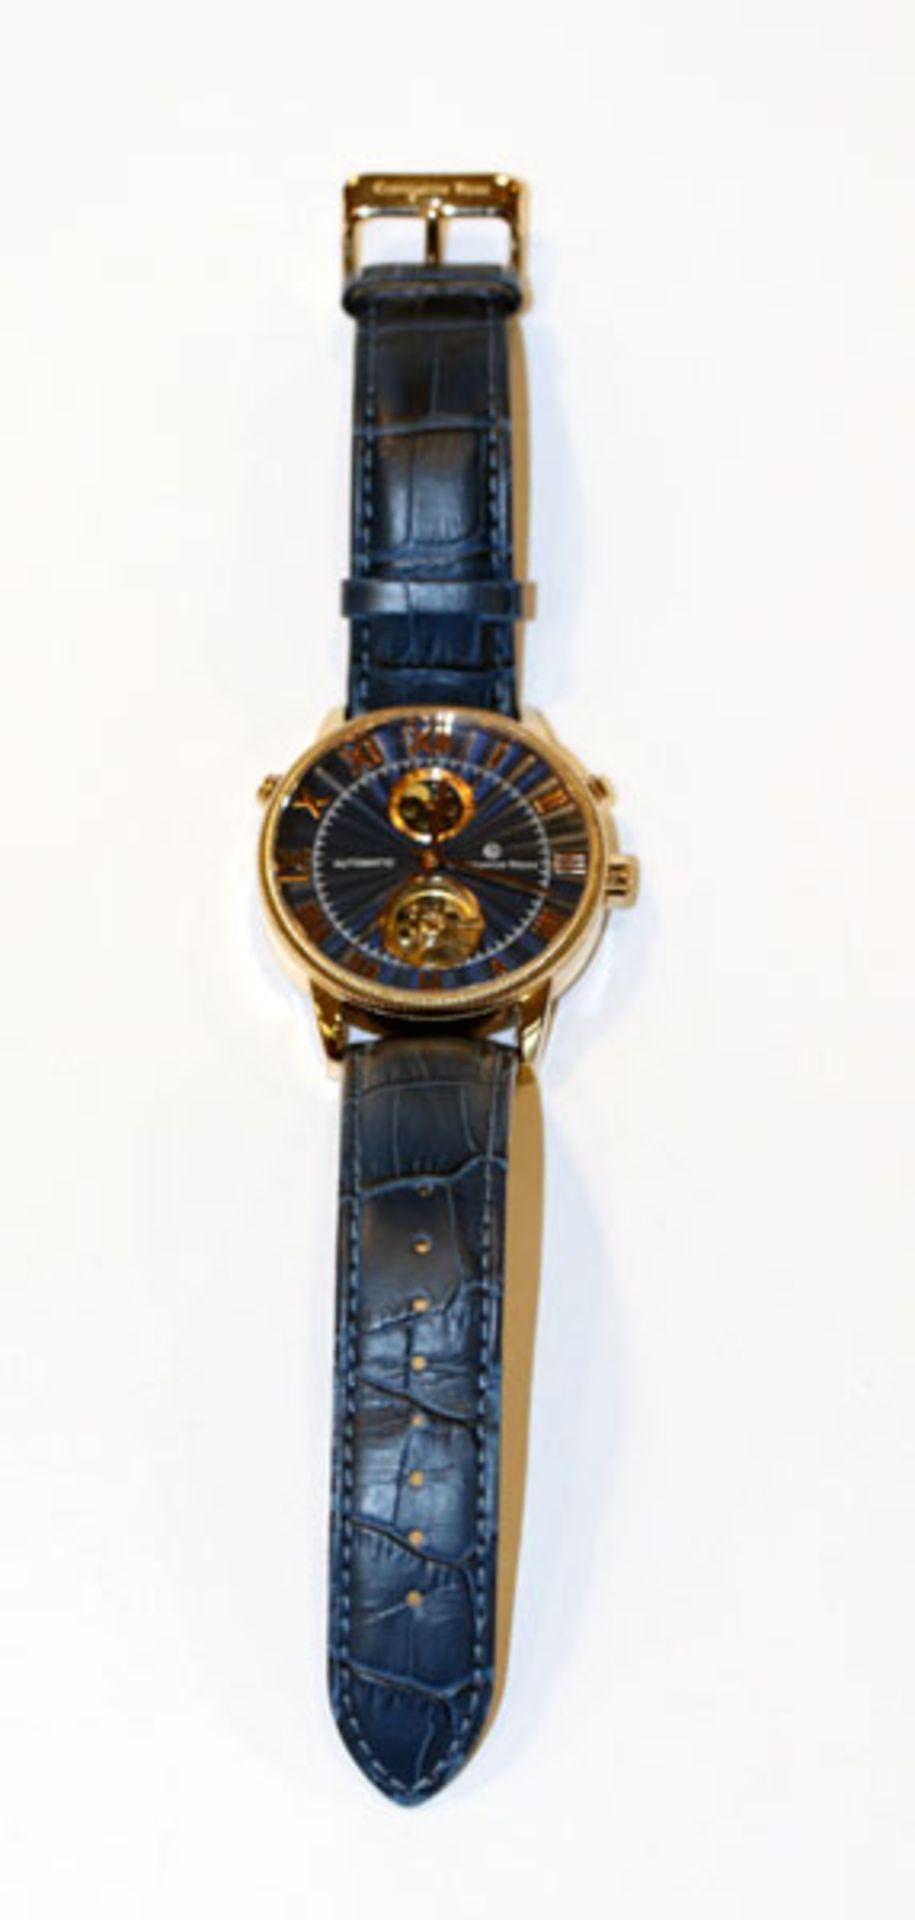 Constantin Weisz Armbanduhr, Automatic, blaues Zifferblatt und Armband, mit Bedienungsanleitung,